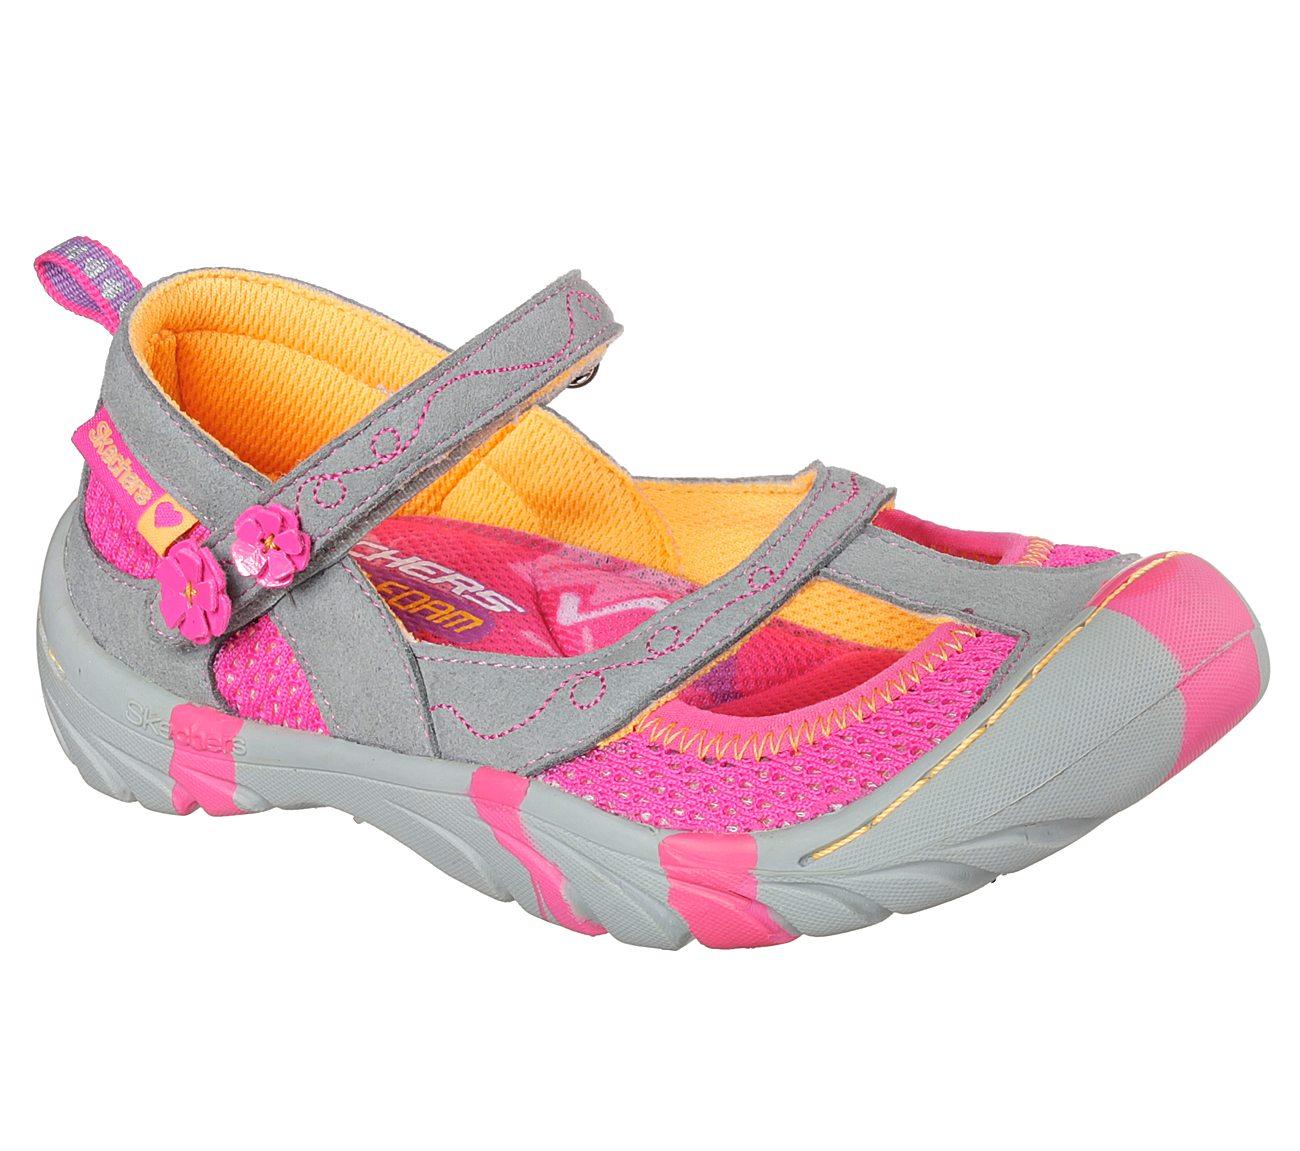 SKECHERS Summer Steps Comfort Sandals Shoes